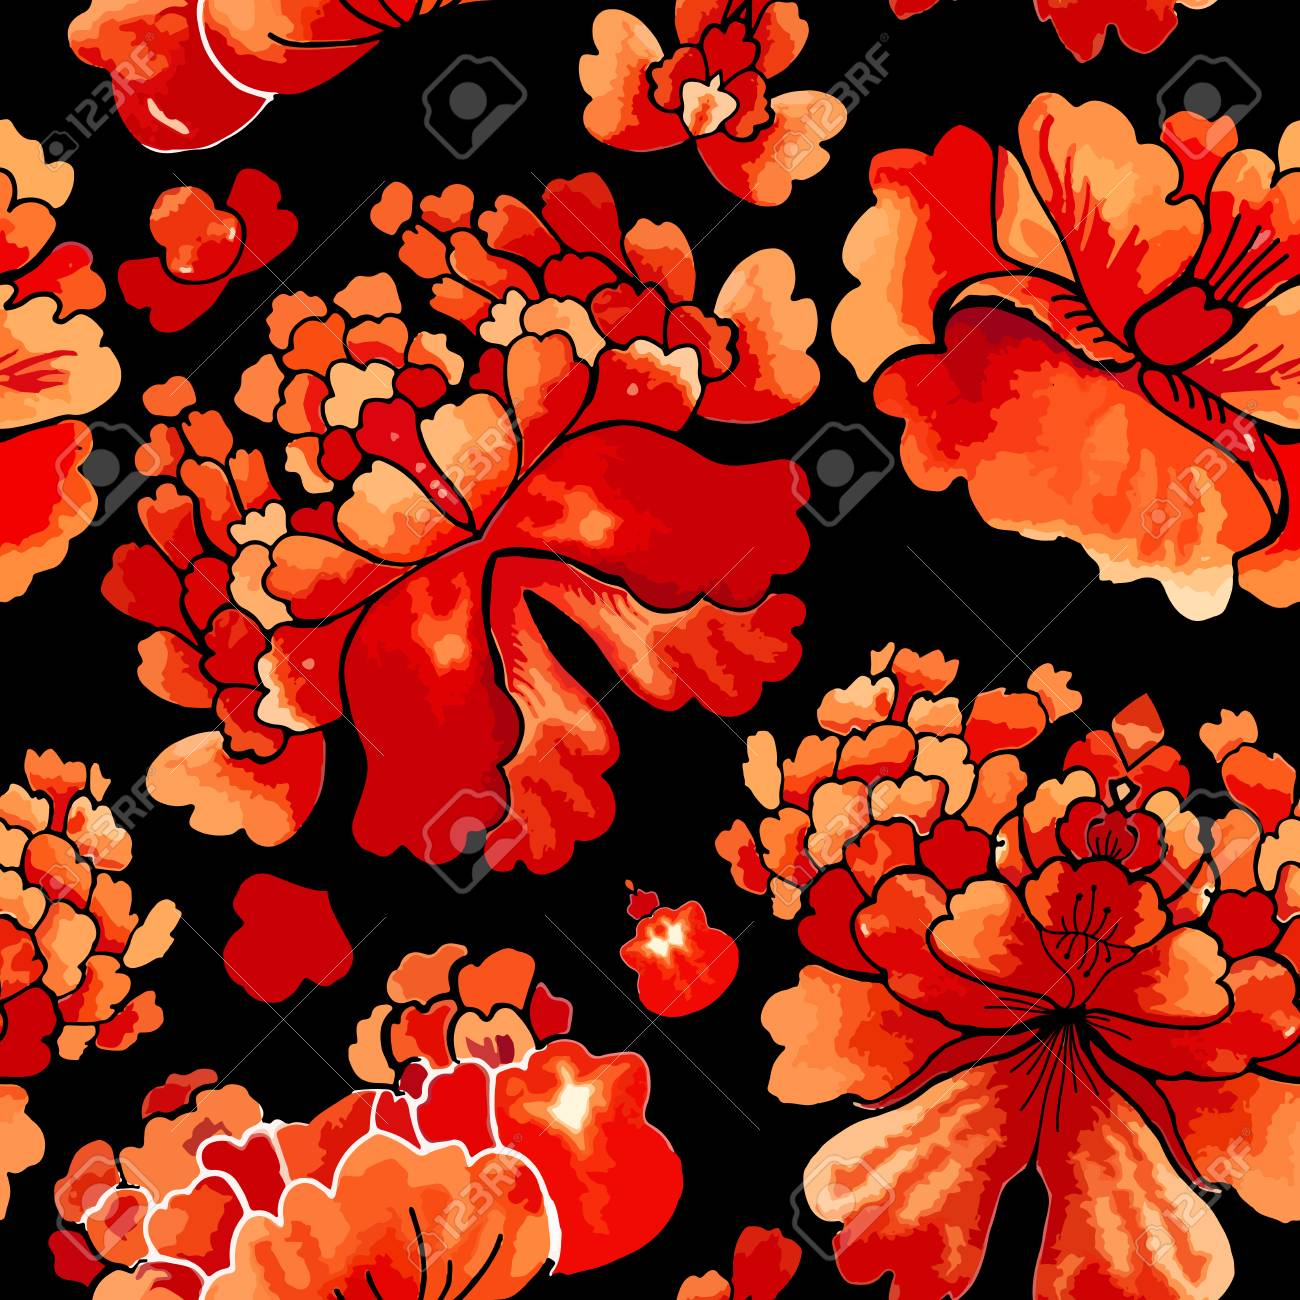 中国のシームレスなパターン 花飾りと水彩風壁紙 のイラスト素材 ベクタ Image